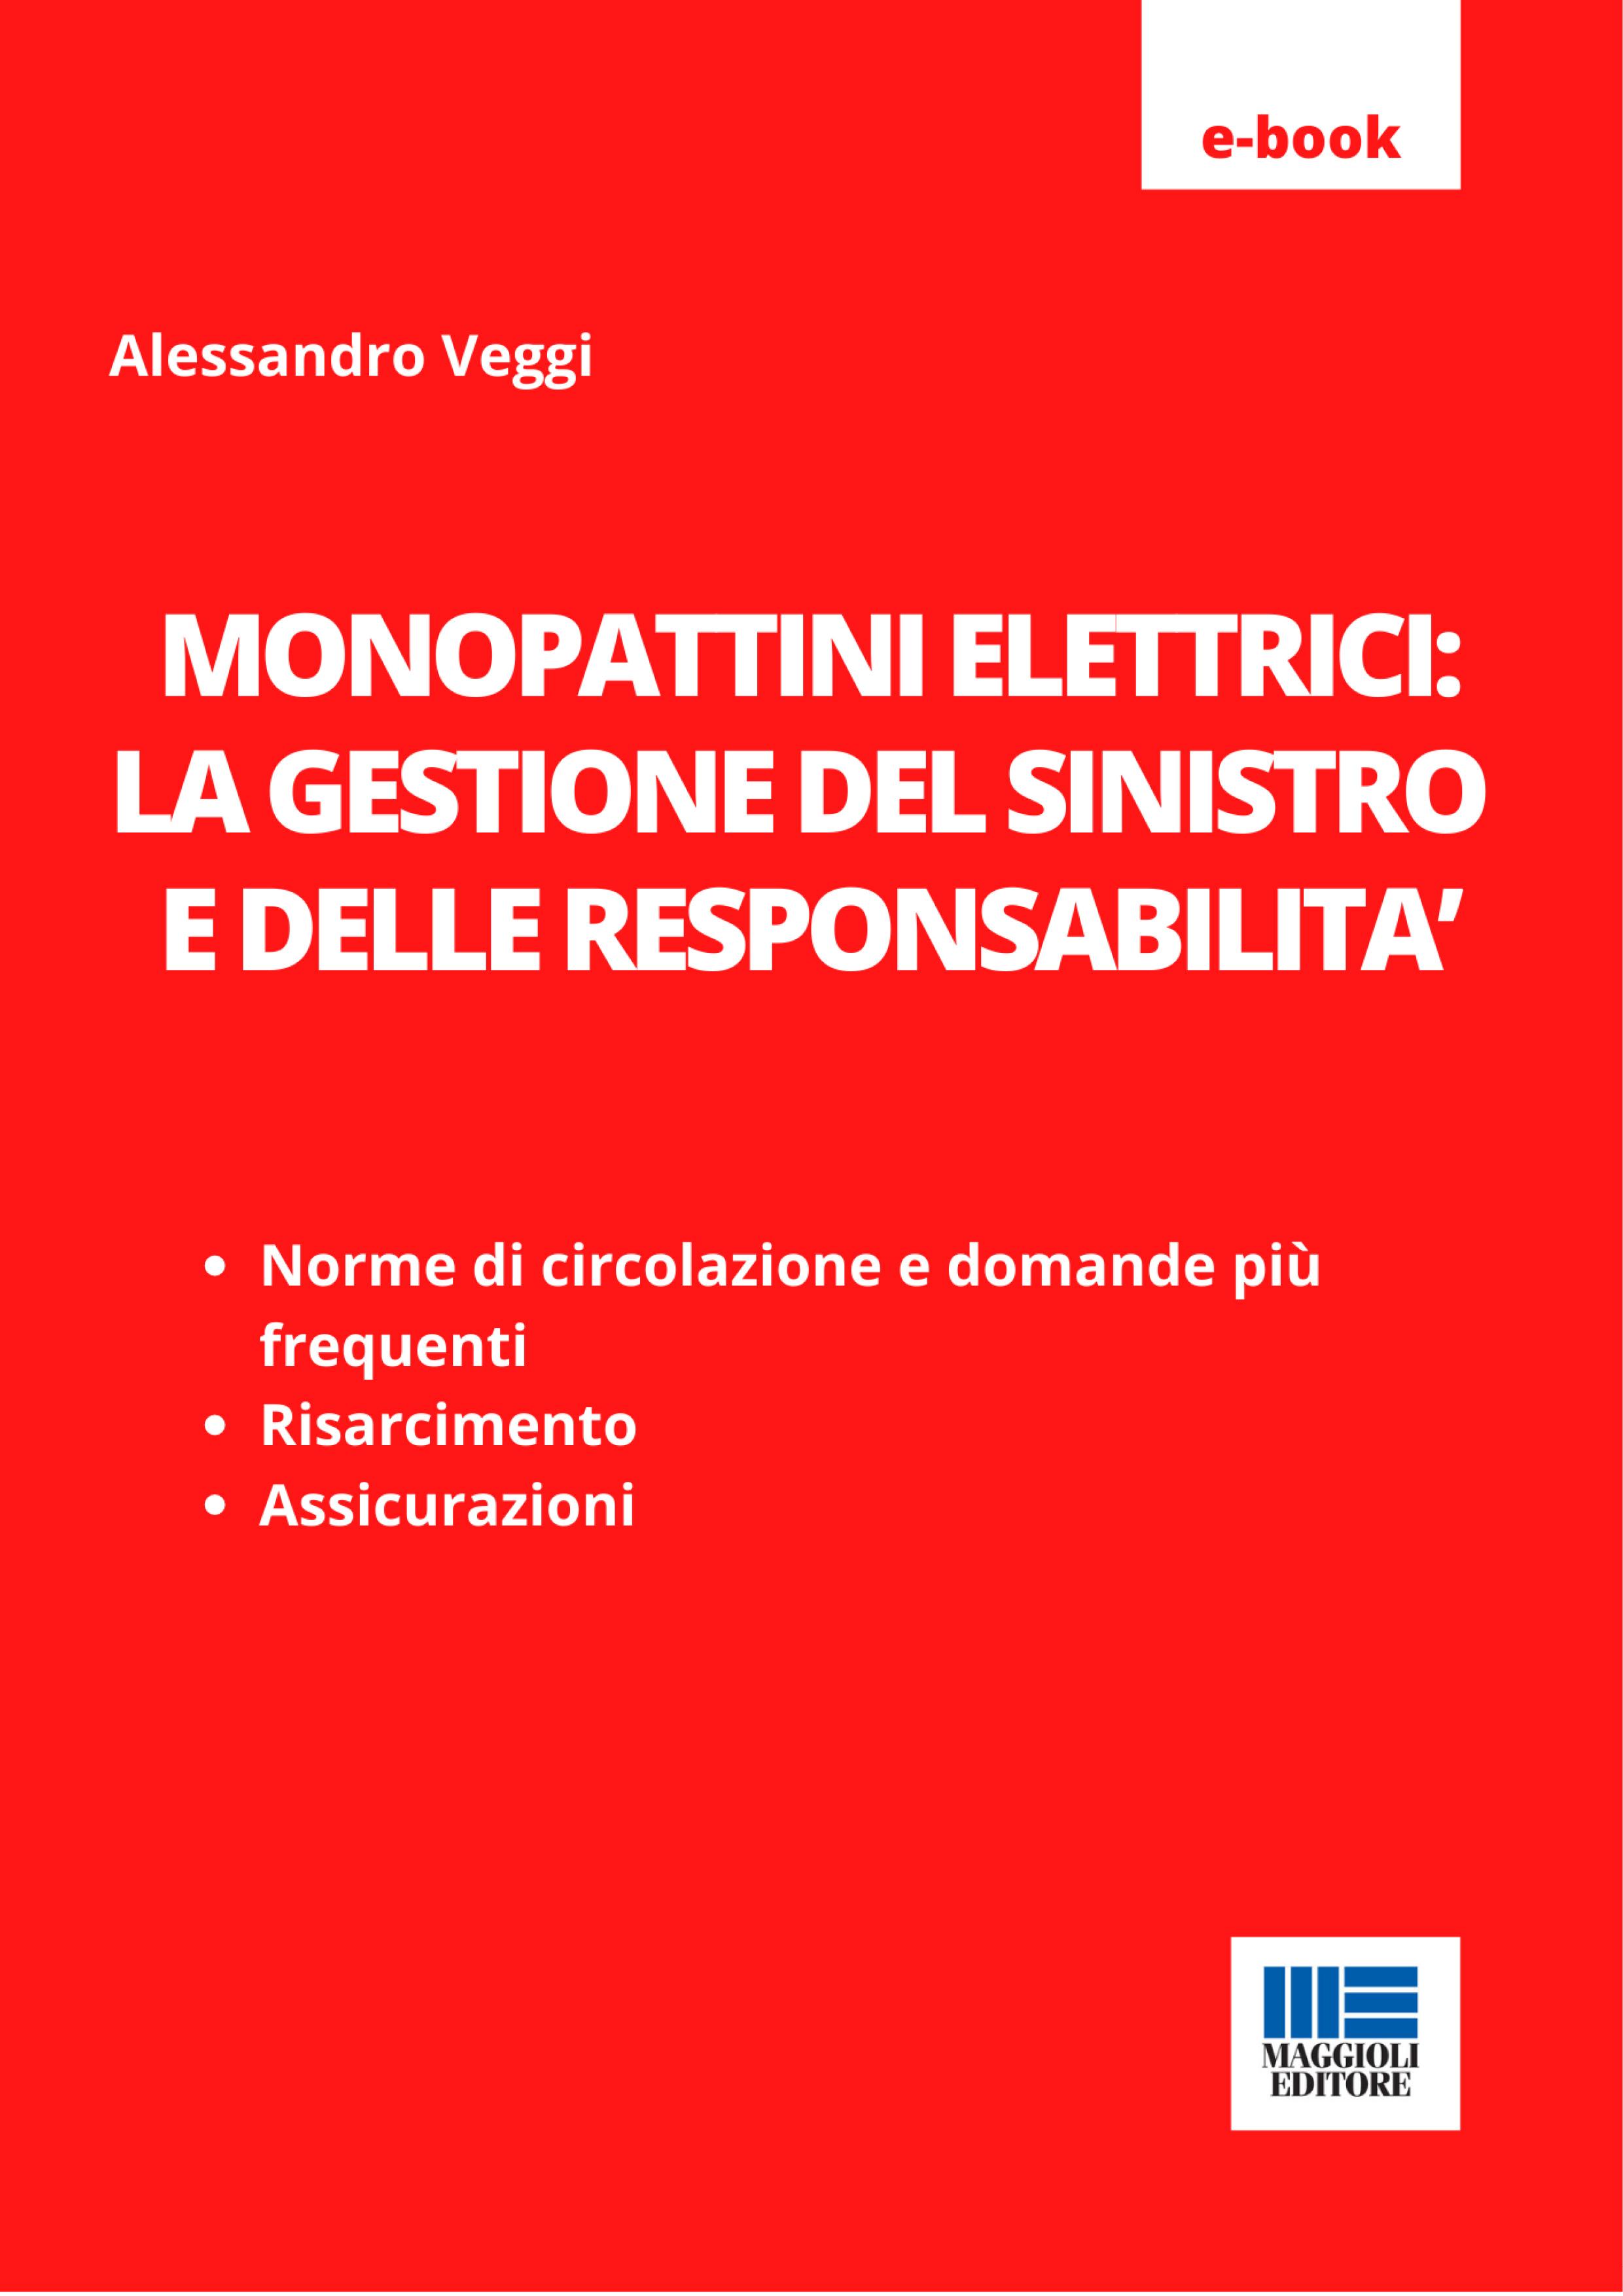 Monopattini elettrici: la gestione del sinistro e delle responsabilità - e-Book in pdf